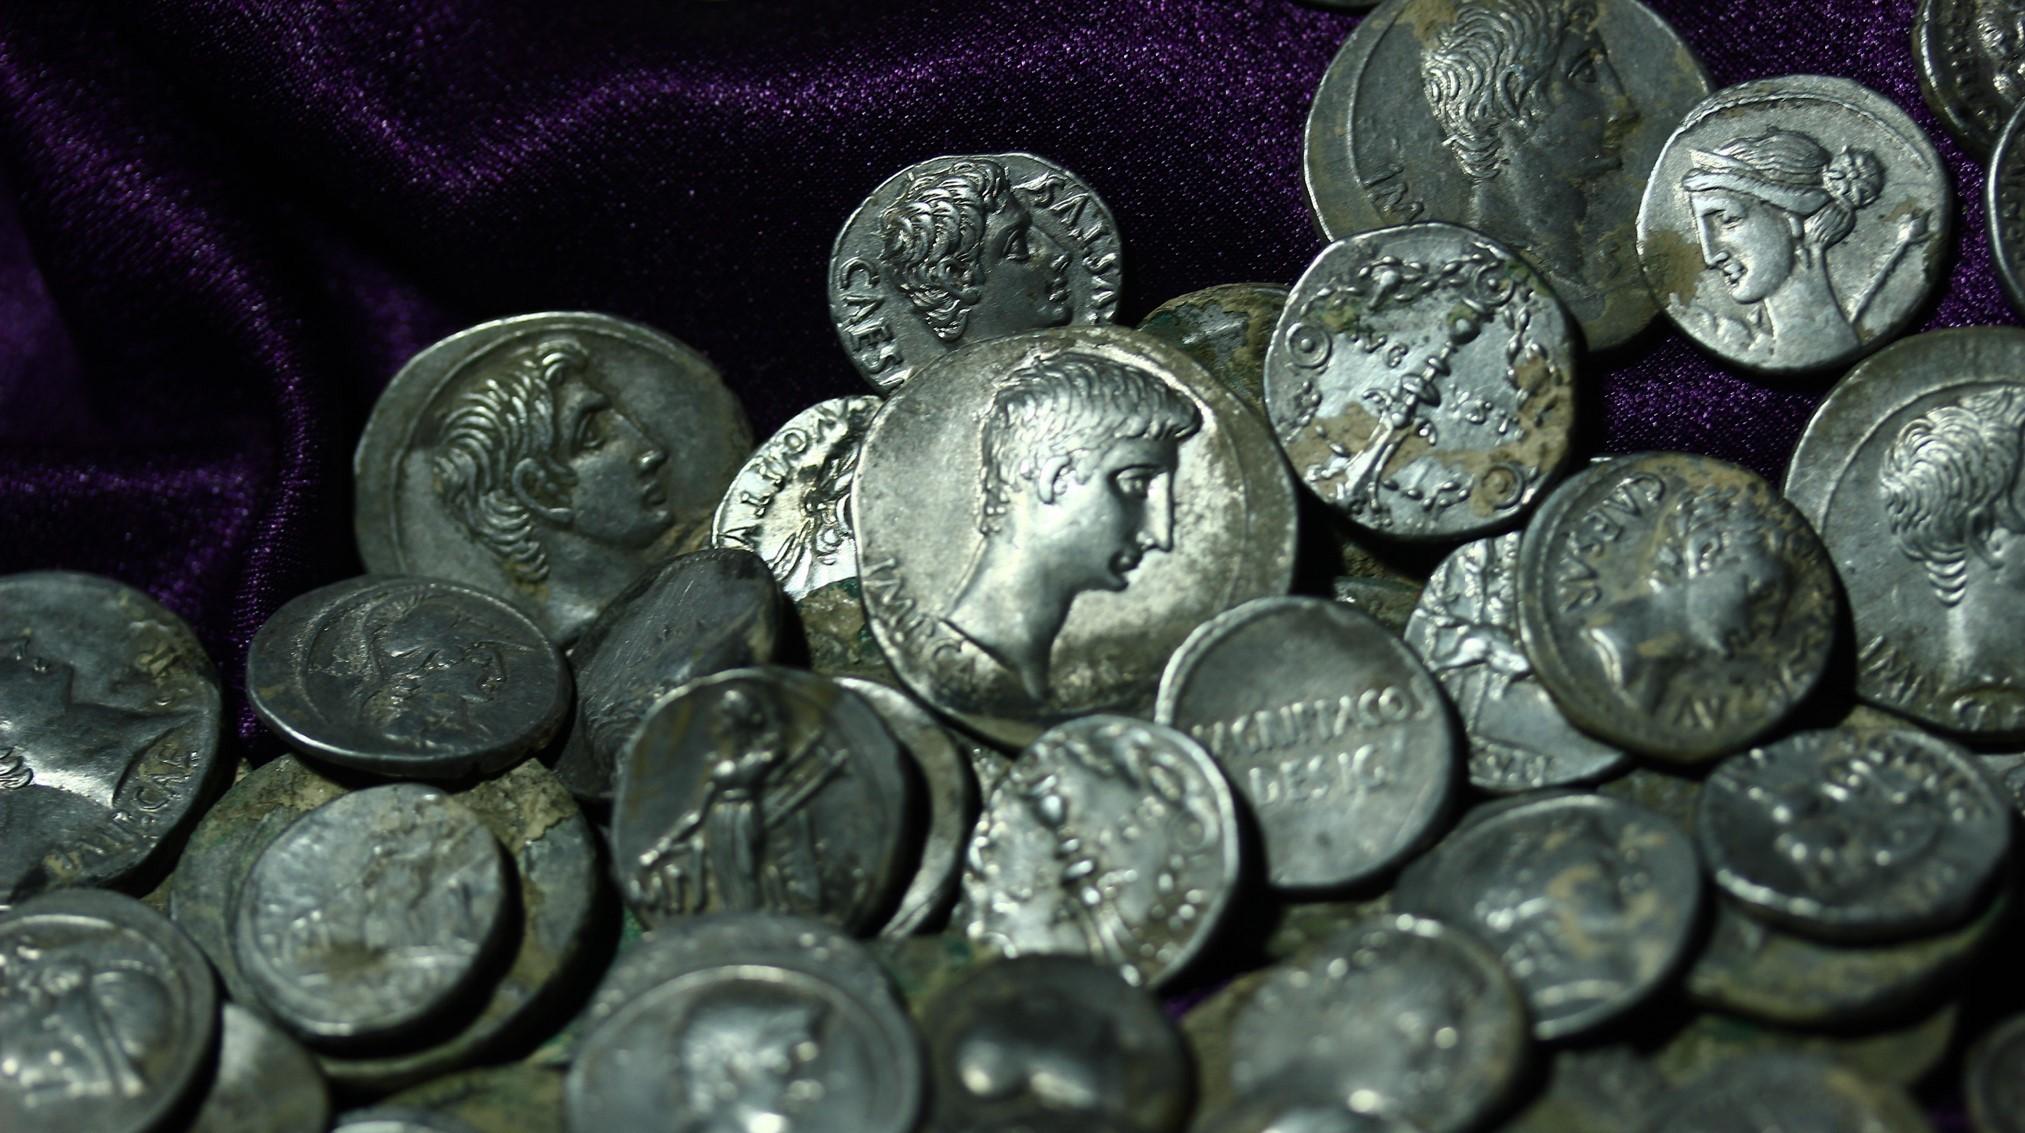 Les pièces représentaient des empereurs romains d'un côté.